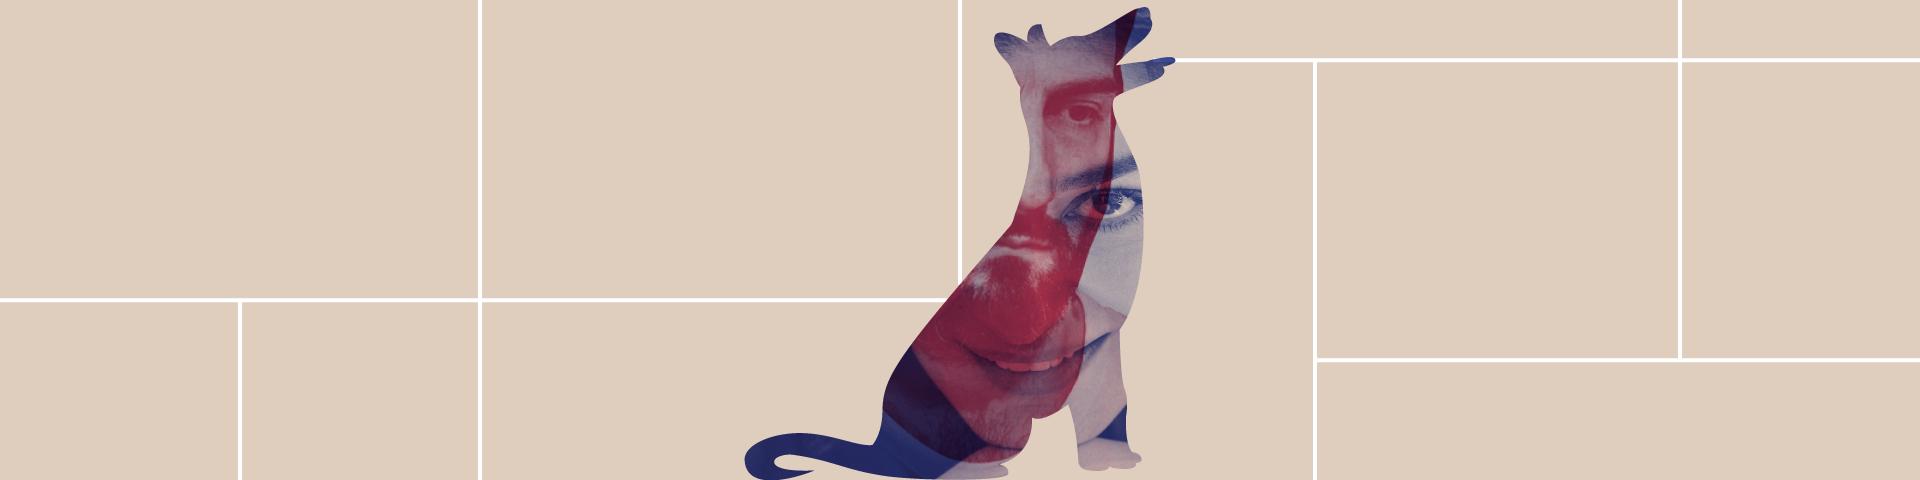 Εικαστικό για το έργο του Τσέχωφ Η Κυρία με το Σκυλάκι που παρουσιάζεται στις Παραβάσεις του ΚΠΙΣΝ